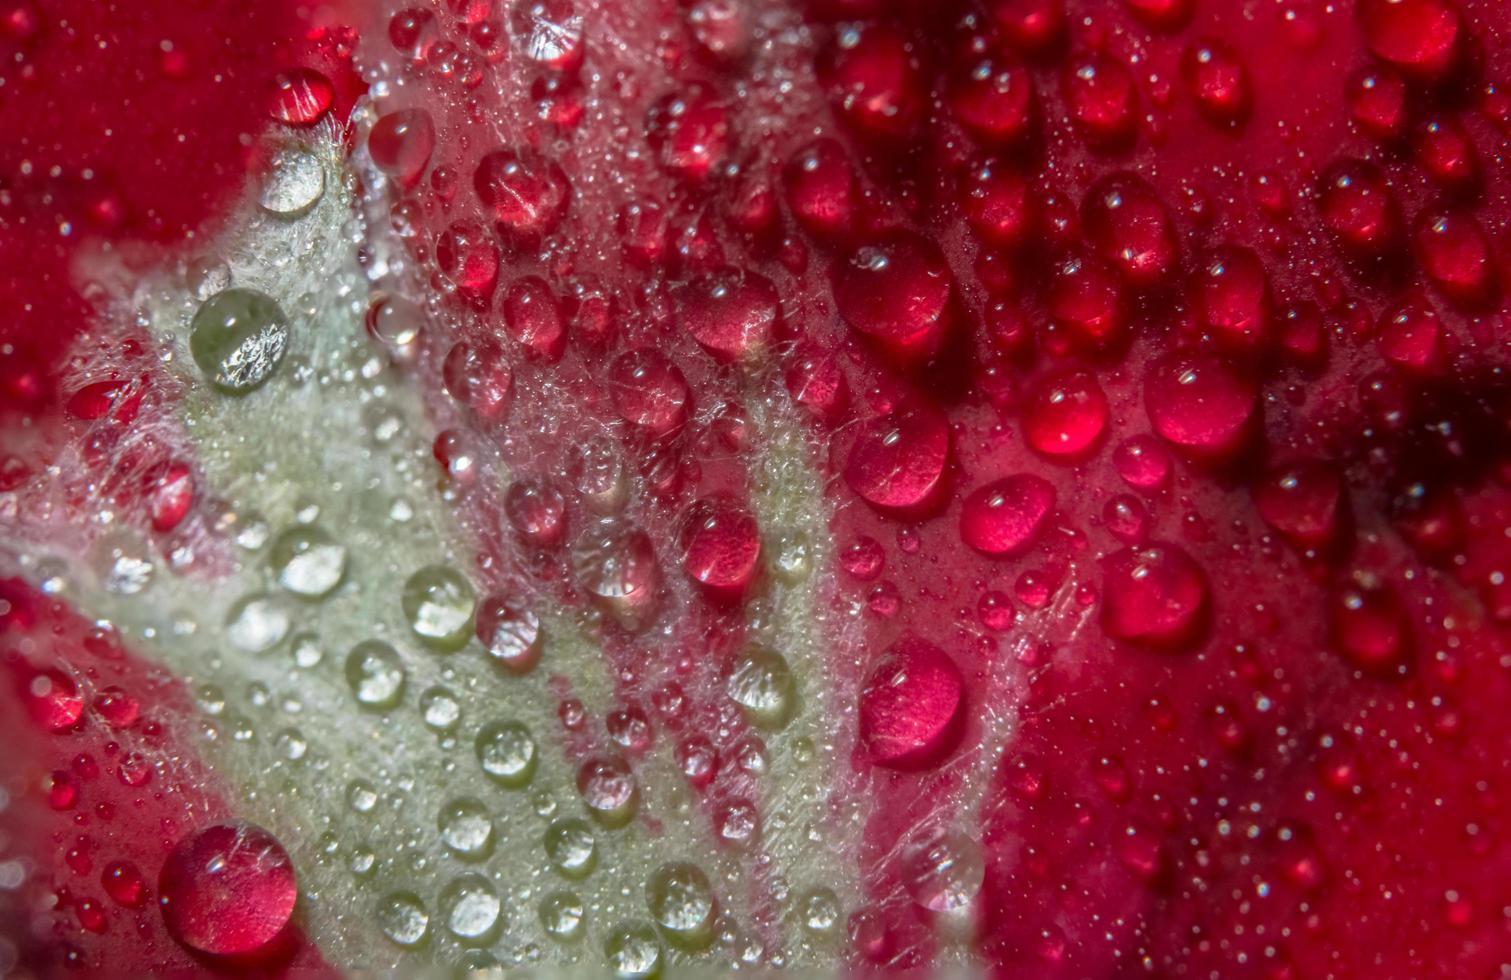 waterdruppels op een rode roos foto